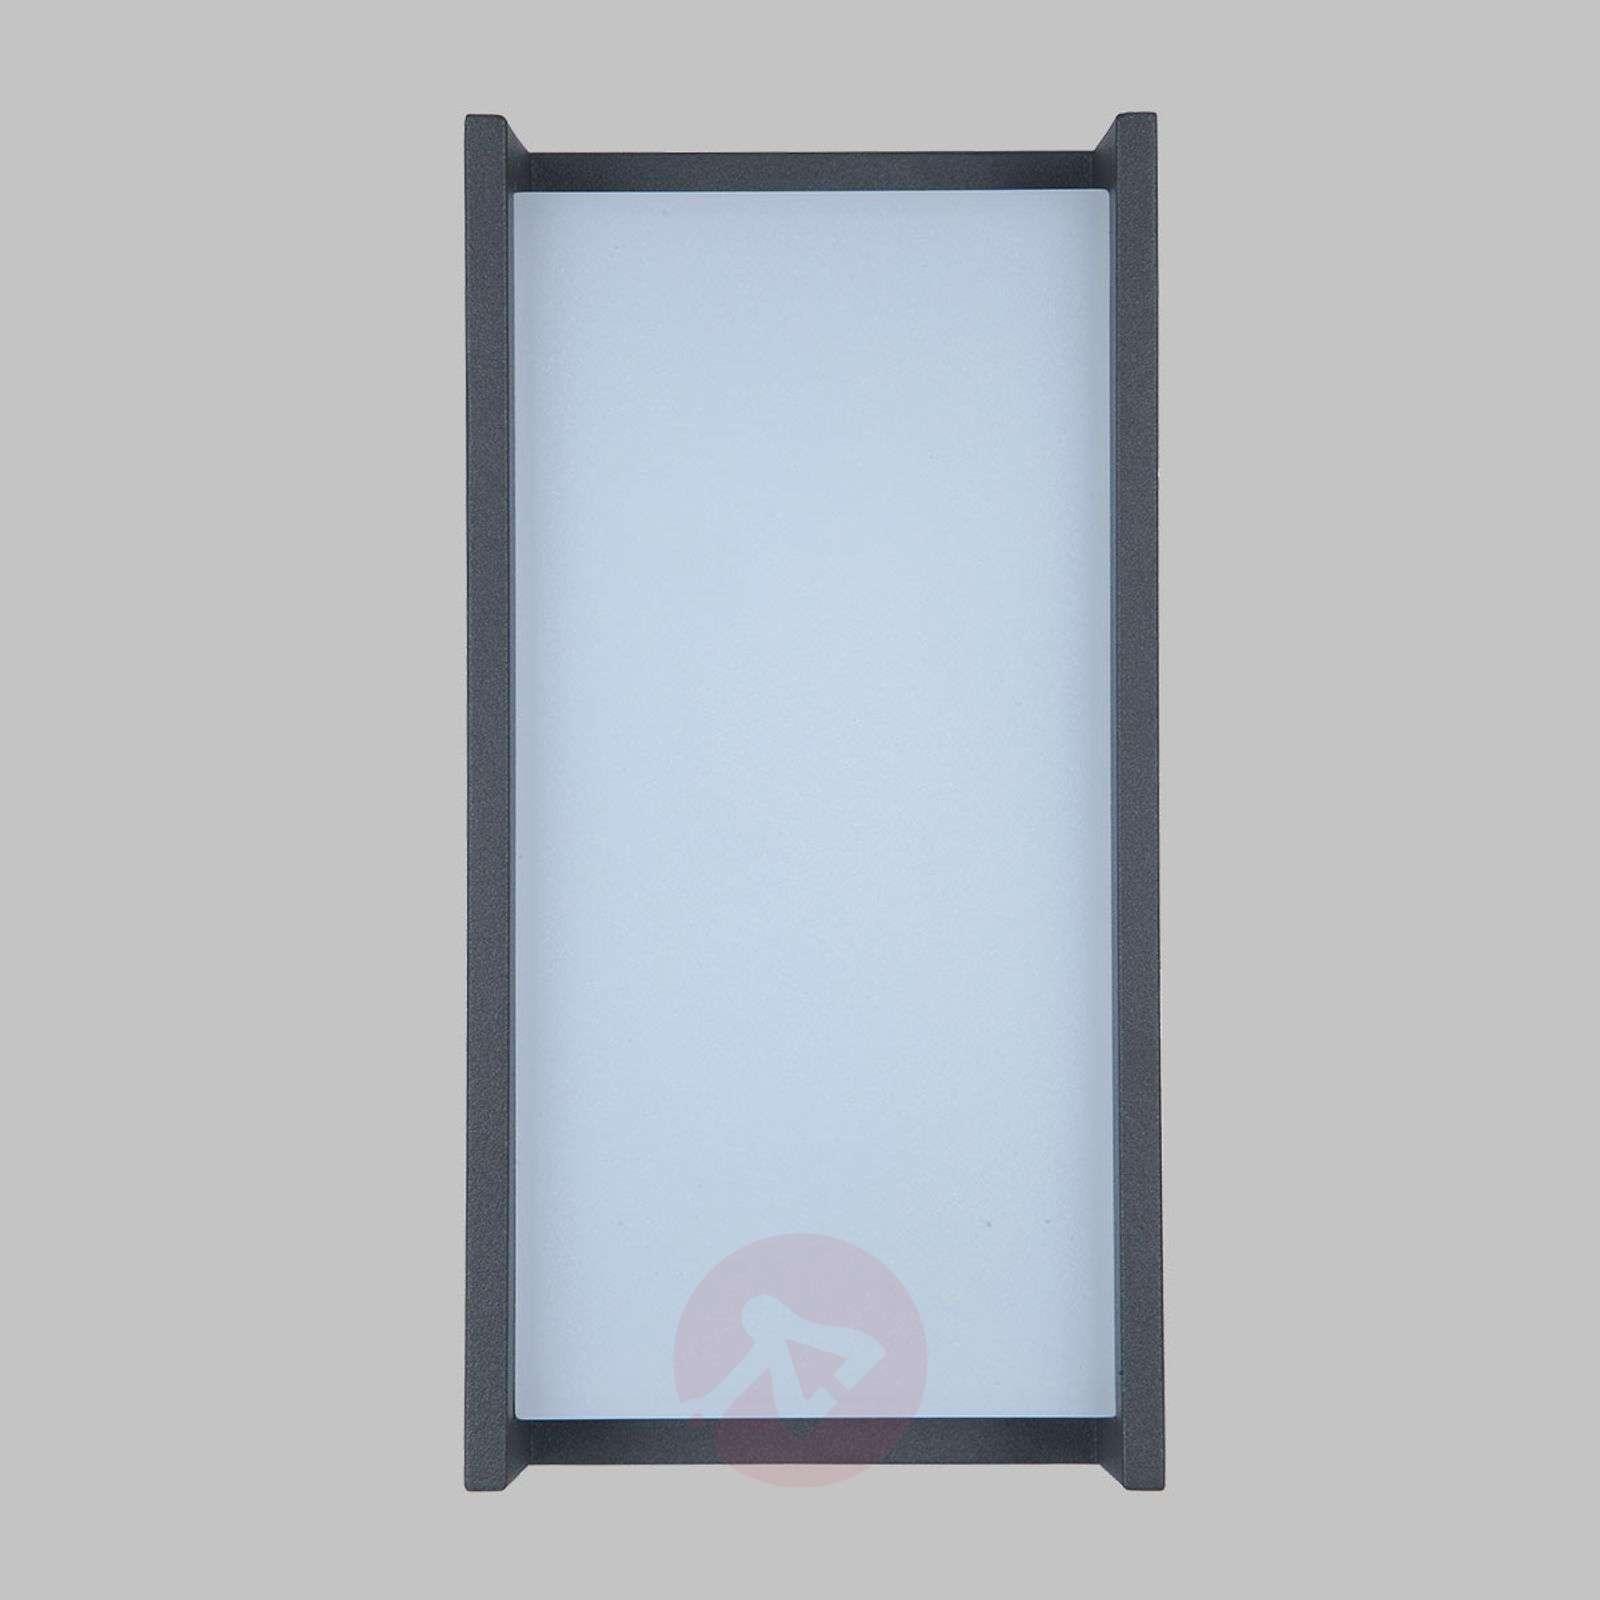 Suoralinjainen LED-ulkoseinälamppu Qubo-3006672-01